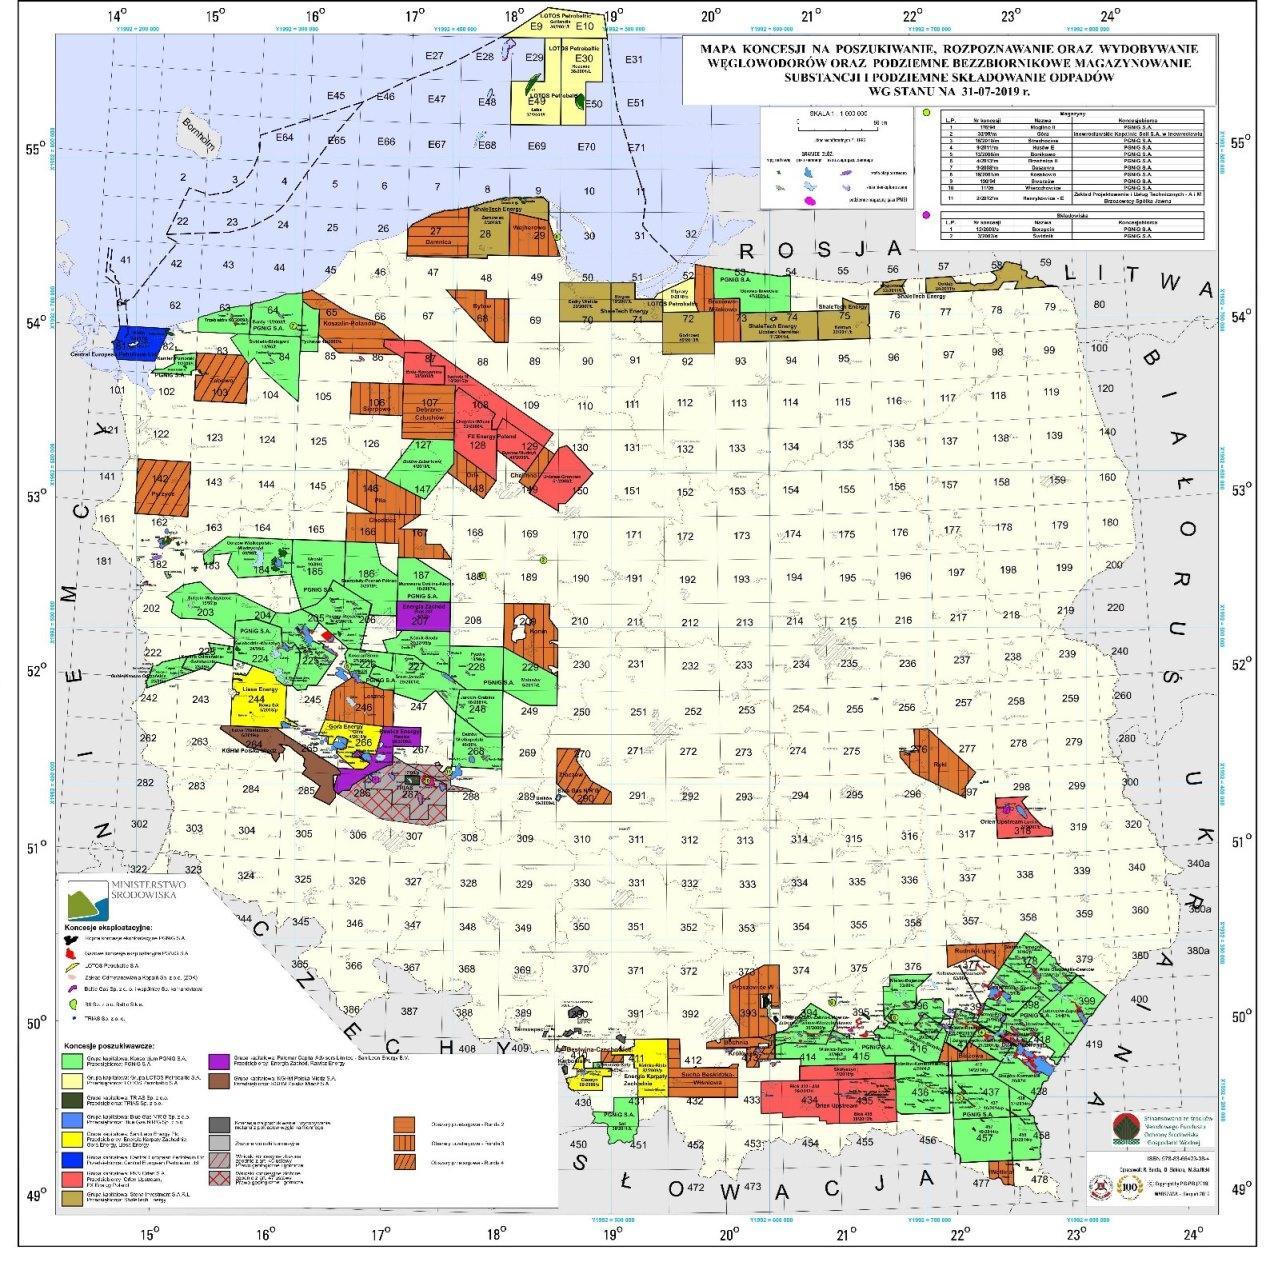 Mapa koncesji na poszukiwanie, rozpoznawanie oraz wydobywanie węglowodorów oraz podziemne bezzbiornikowe magazynowanie substancji i podziemne składowanie odpadów wg stanu na 31.07.2019 r. (PIG-PIB, MŚ, 2019)